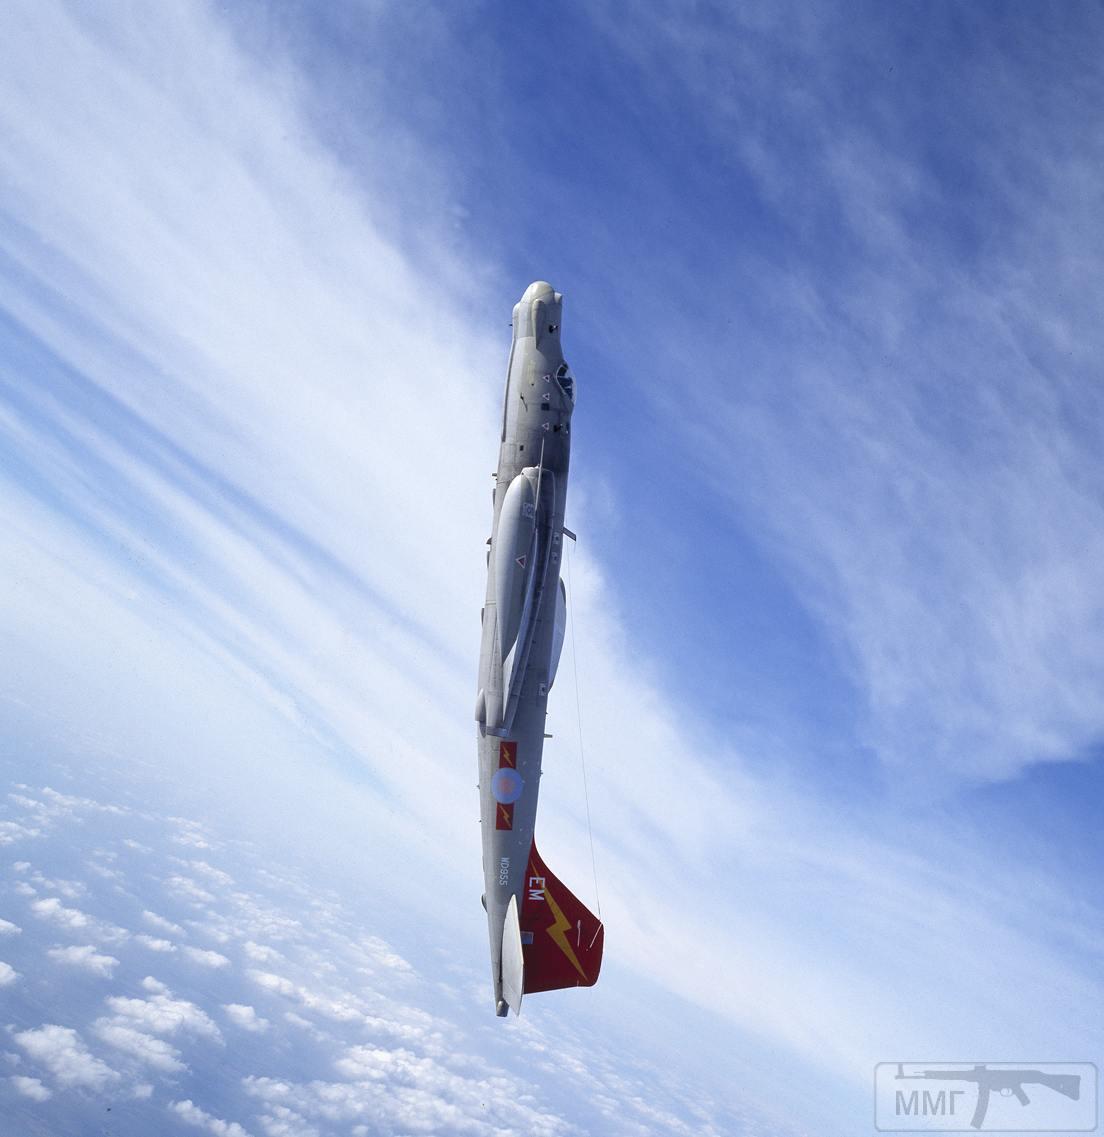 103670 - Красивые фото и видео боевых самолетов и вертолетов